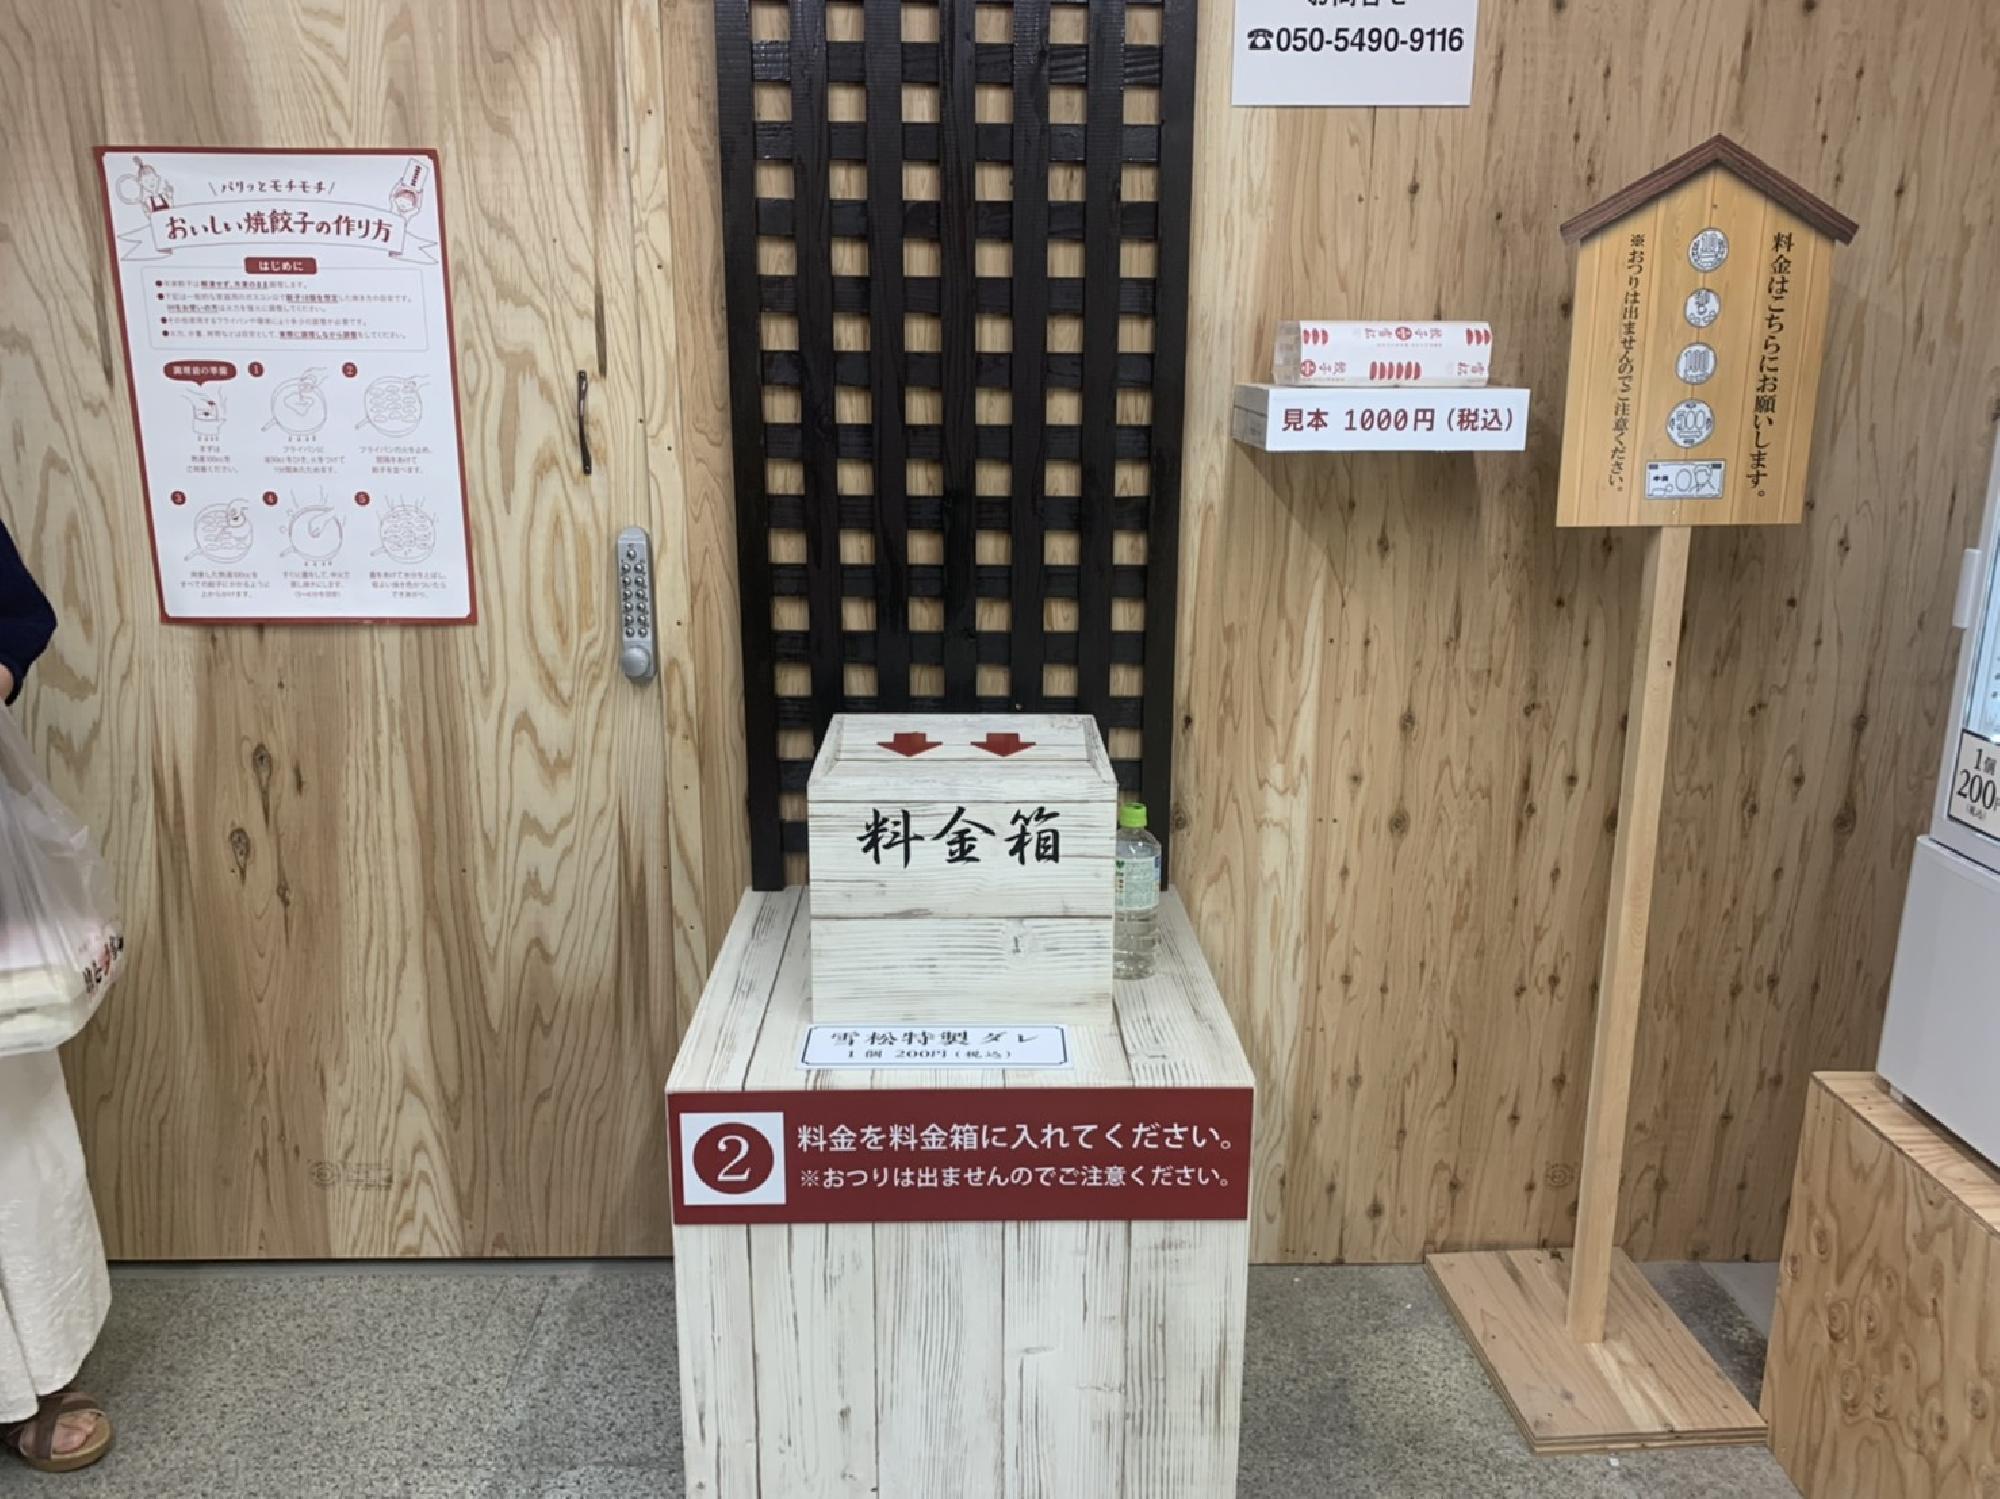 餃子無人販売 餃子の雪松枚方店